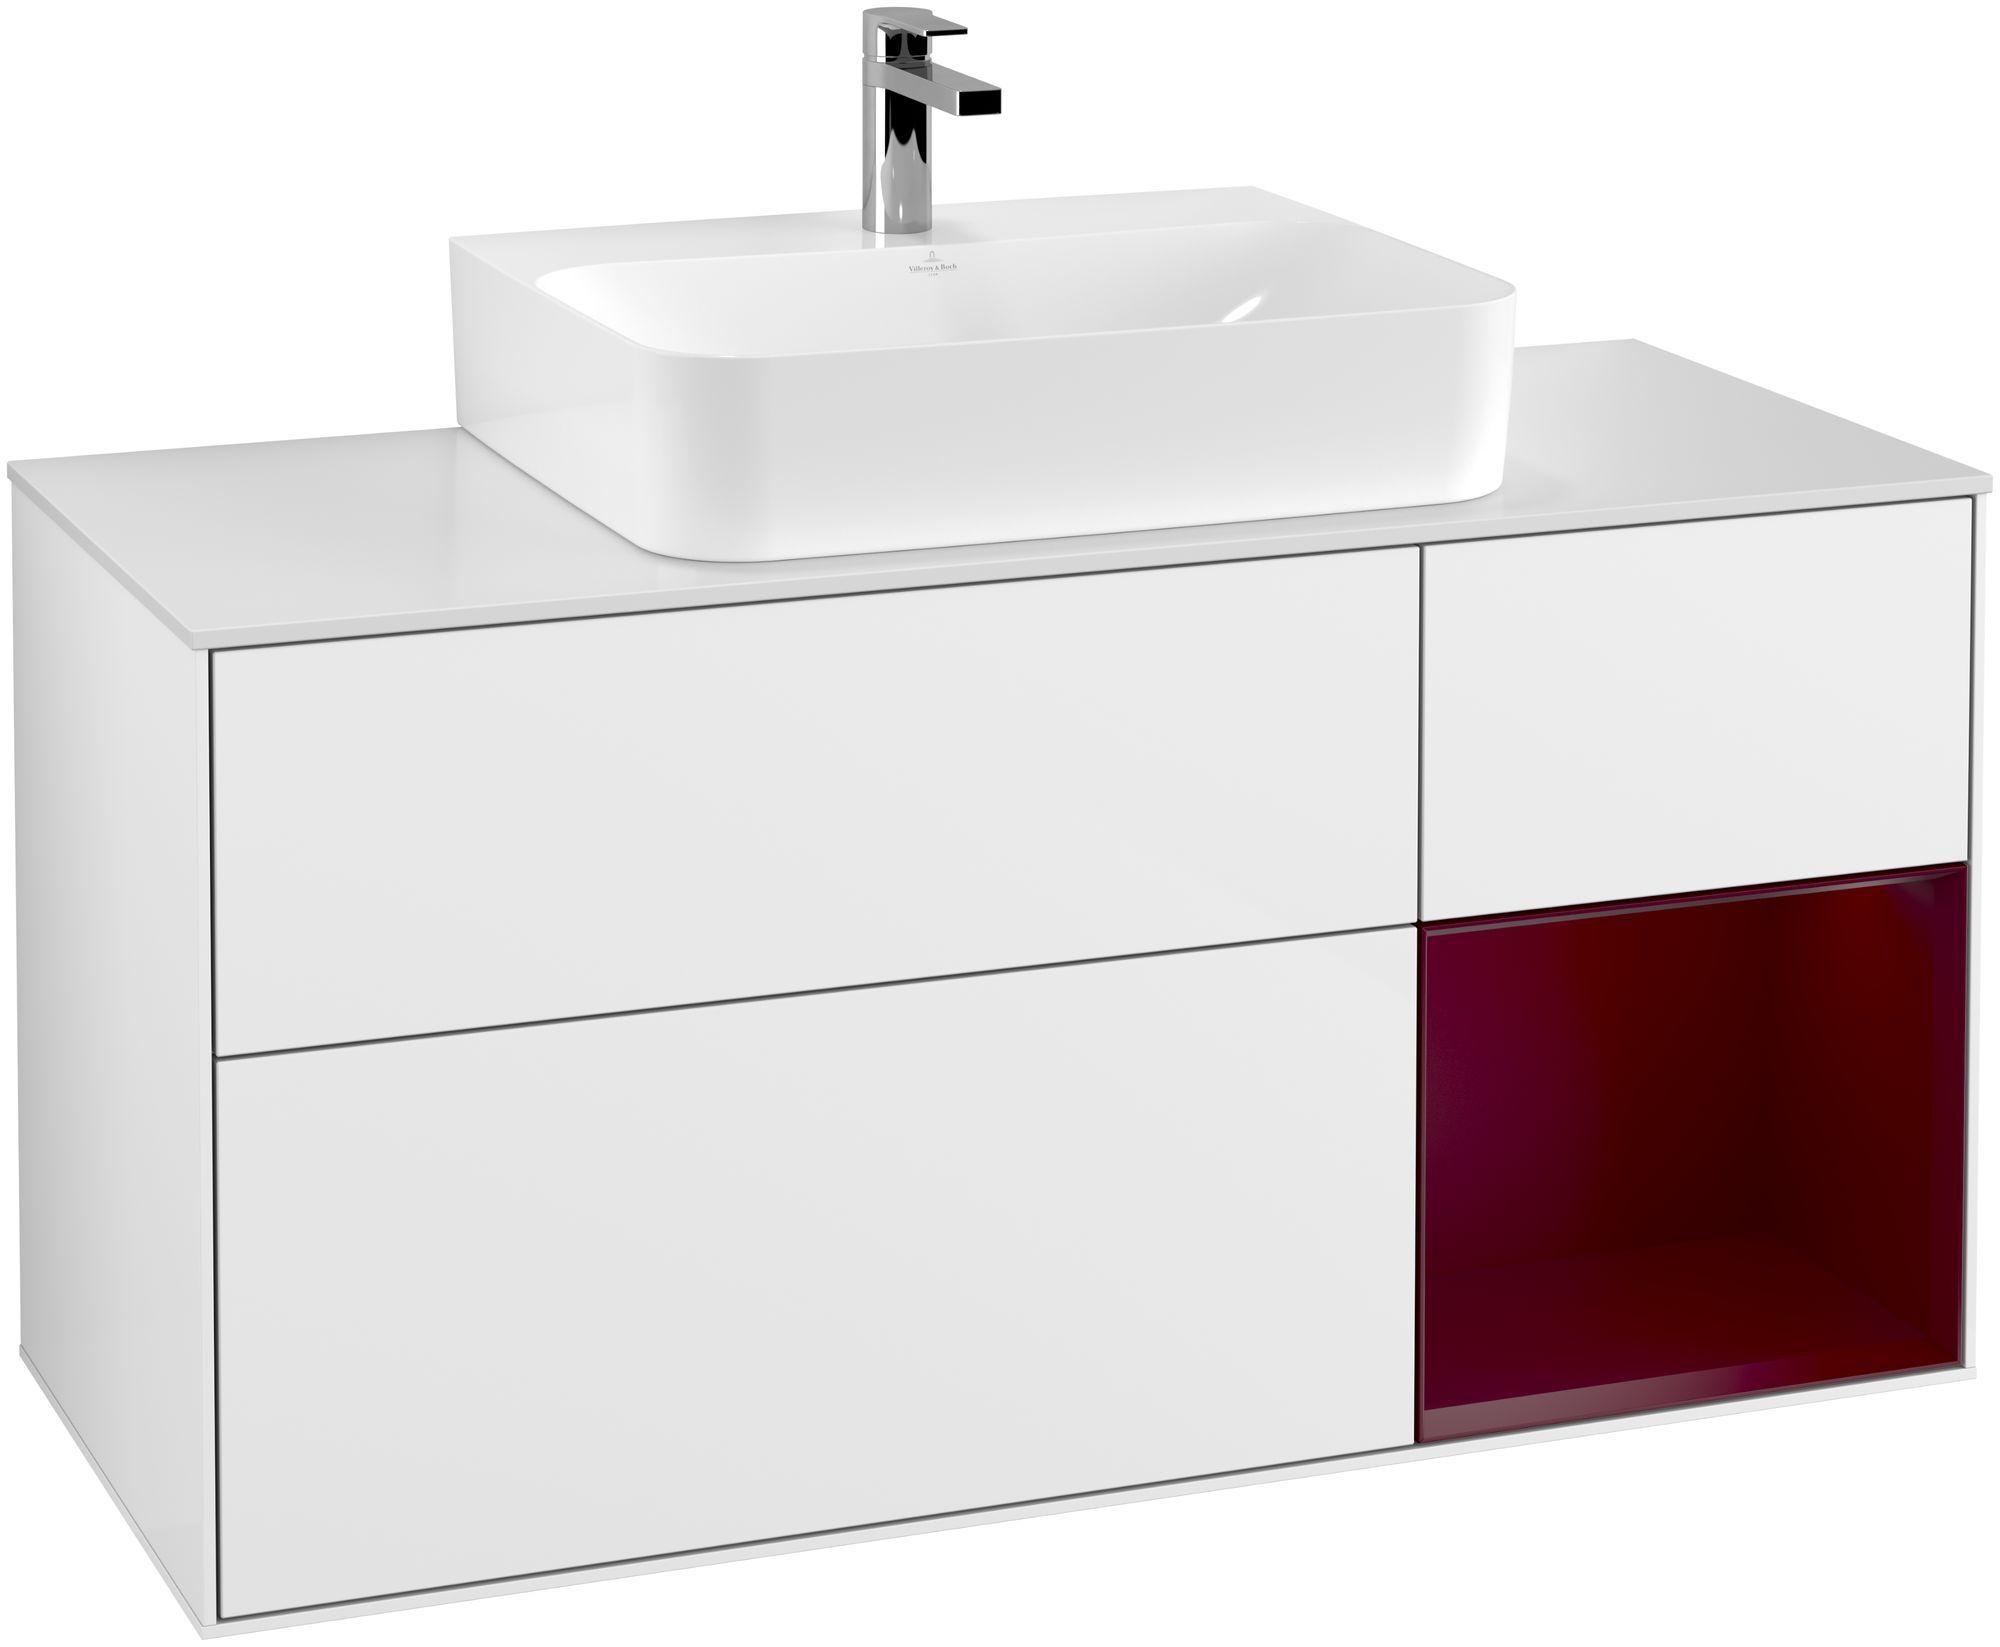 Villeroy & Boch Finion G17 Waschtischunterschrank mit Regalelement 3 Auszüge Waschtisch mittig LED-Beleuchtung B:120xH:60,3xT:50,1cm Front, Korpus: Glossy White Lack, Regal: Peony, Glasplatte: White Matt G171HBGF